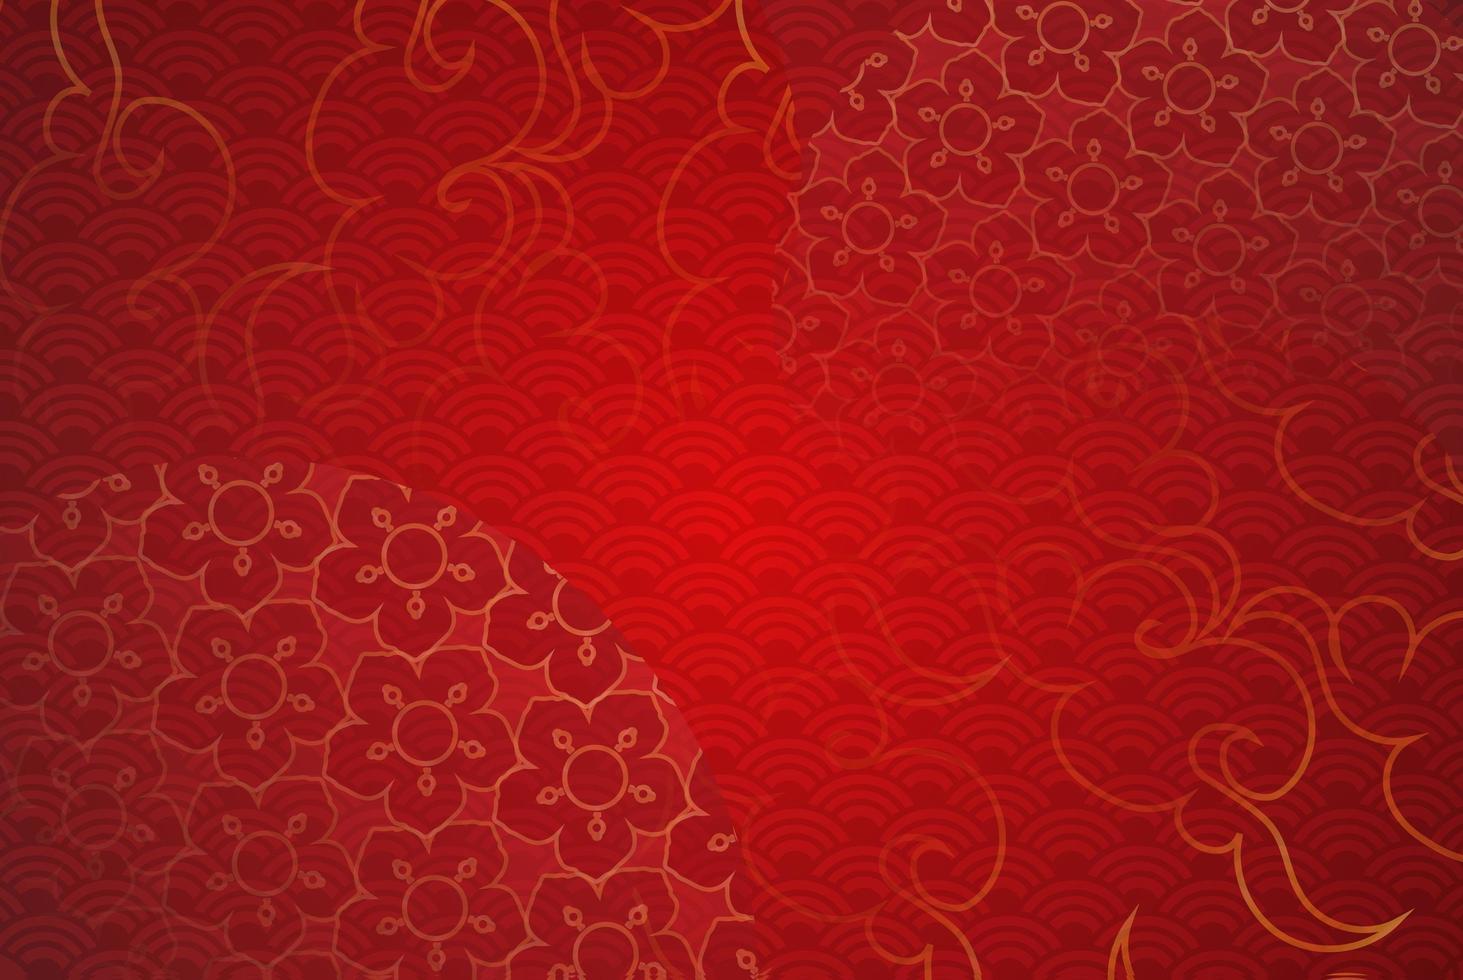 papper konst av kinesiska traditionella och asiatiska element mall bakgrund vektor